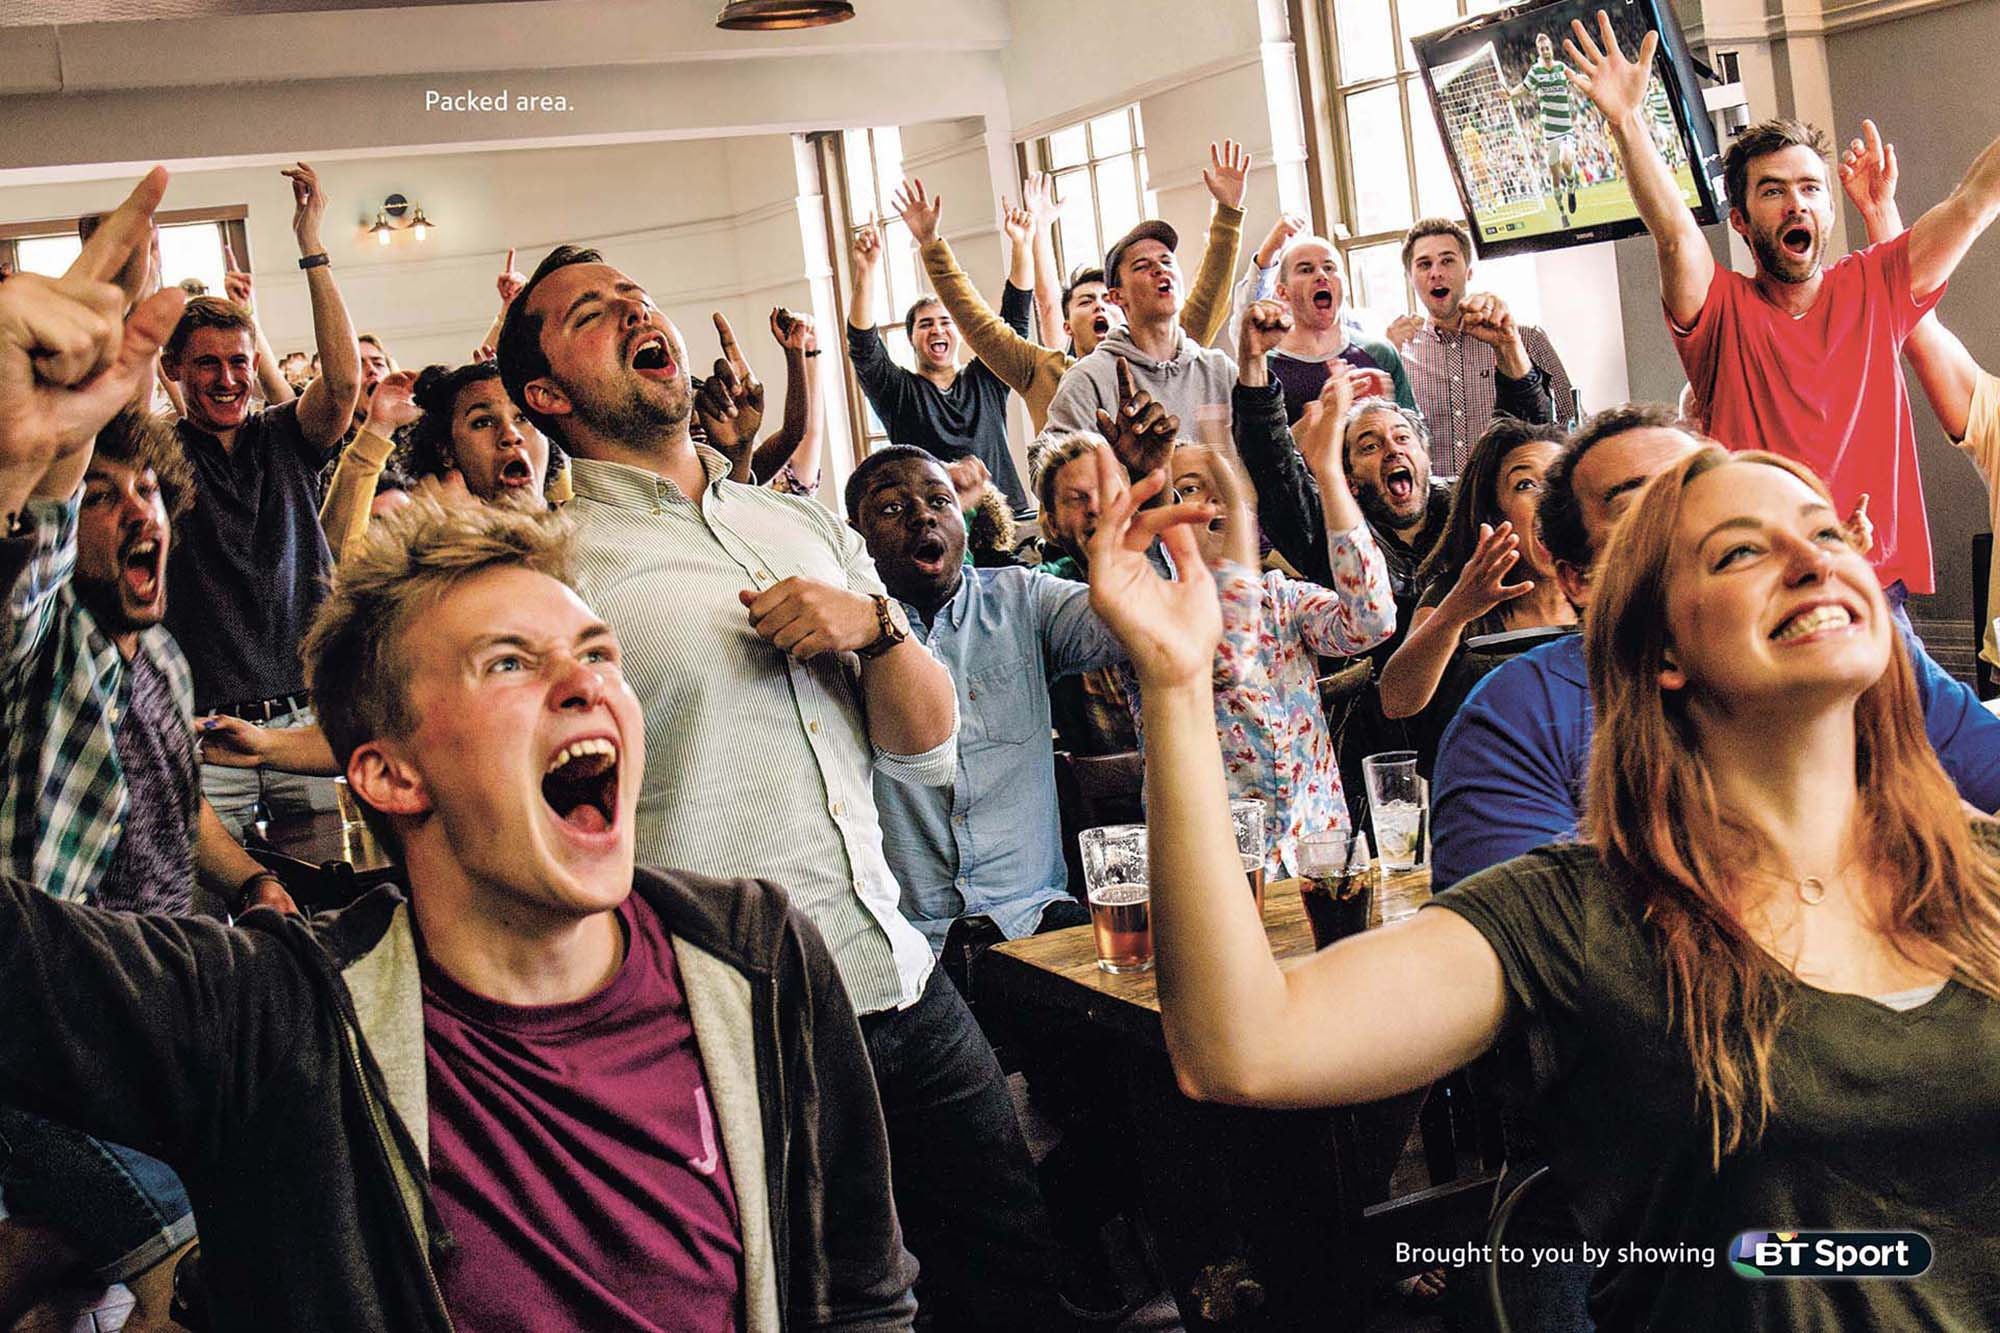 sports fans pub celebration